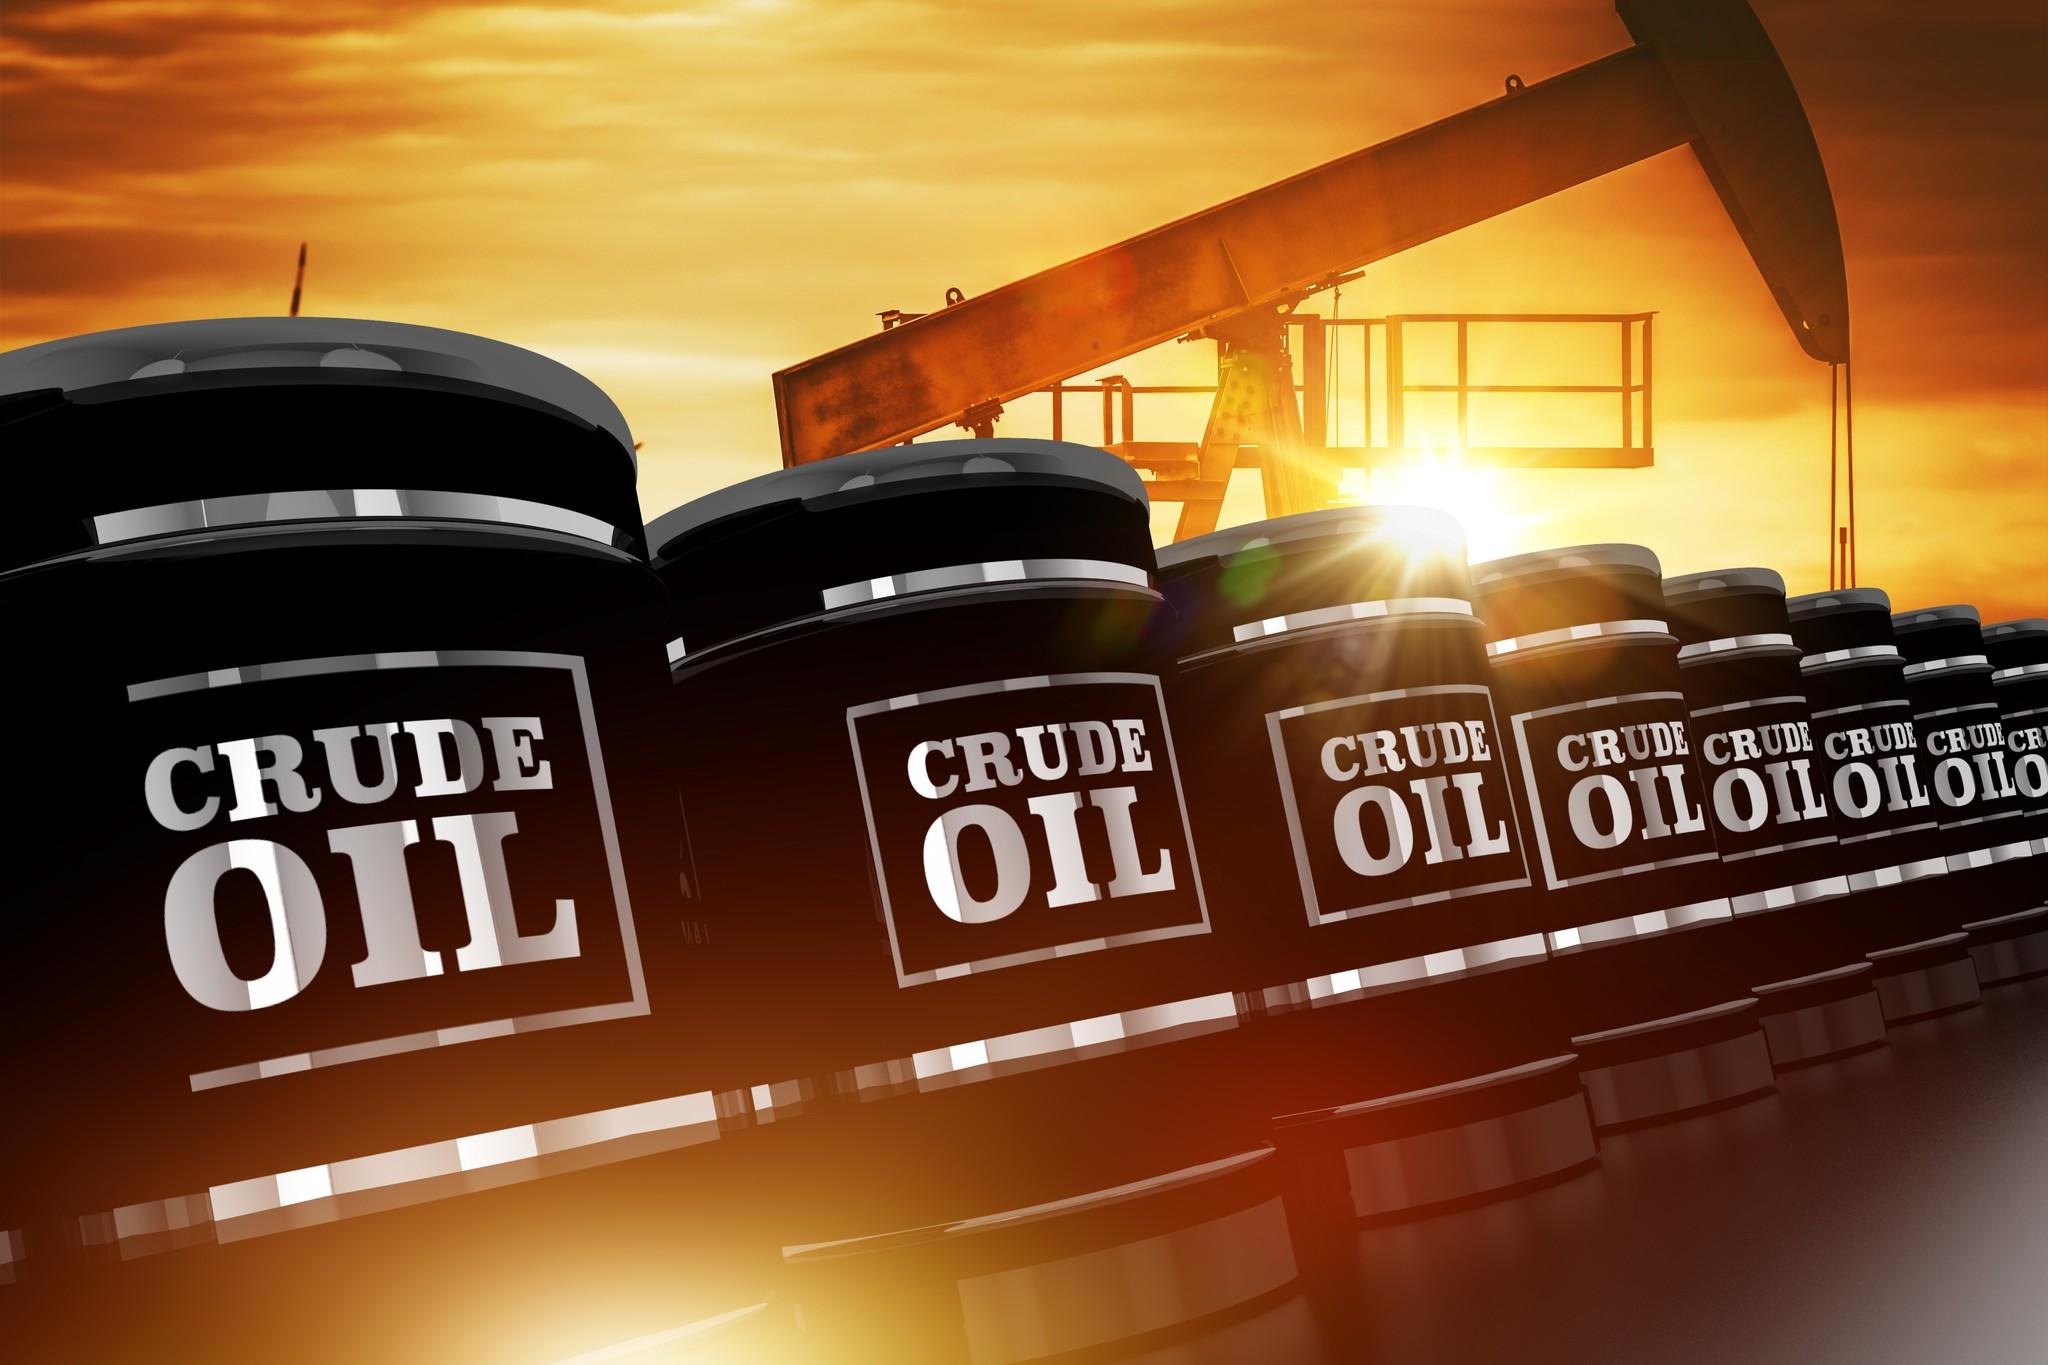 高盛:增产速度赶不上需求复苏 油价还能再涨17%